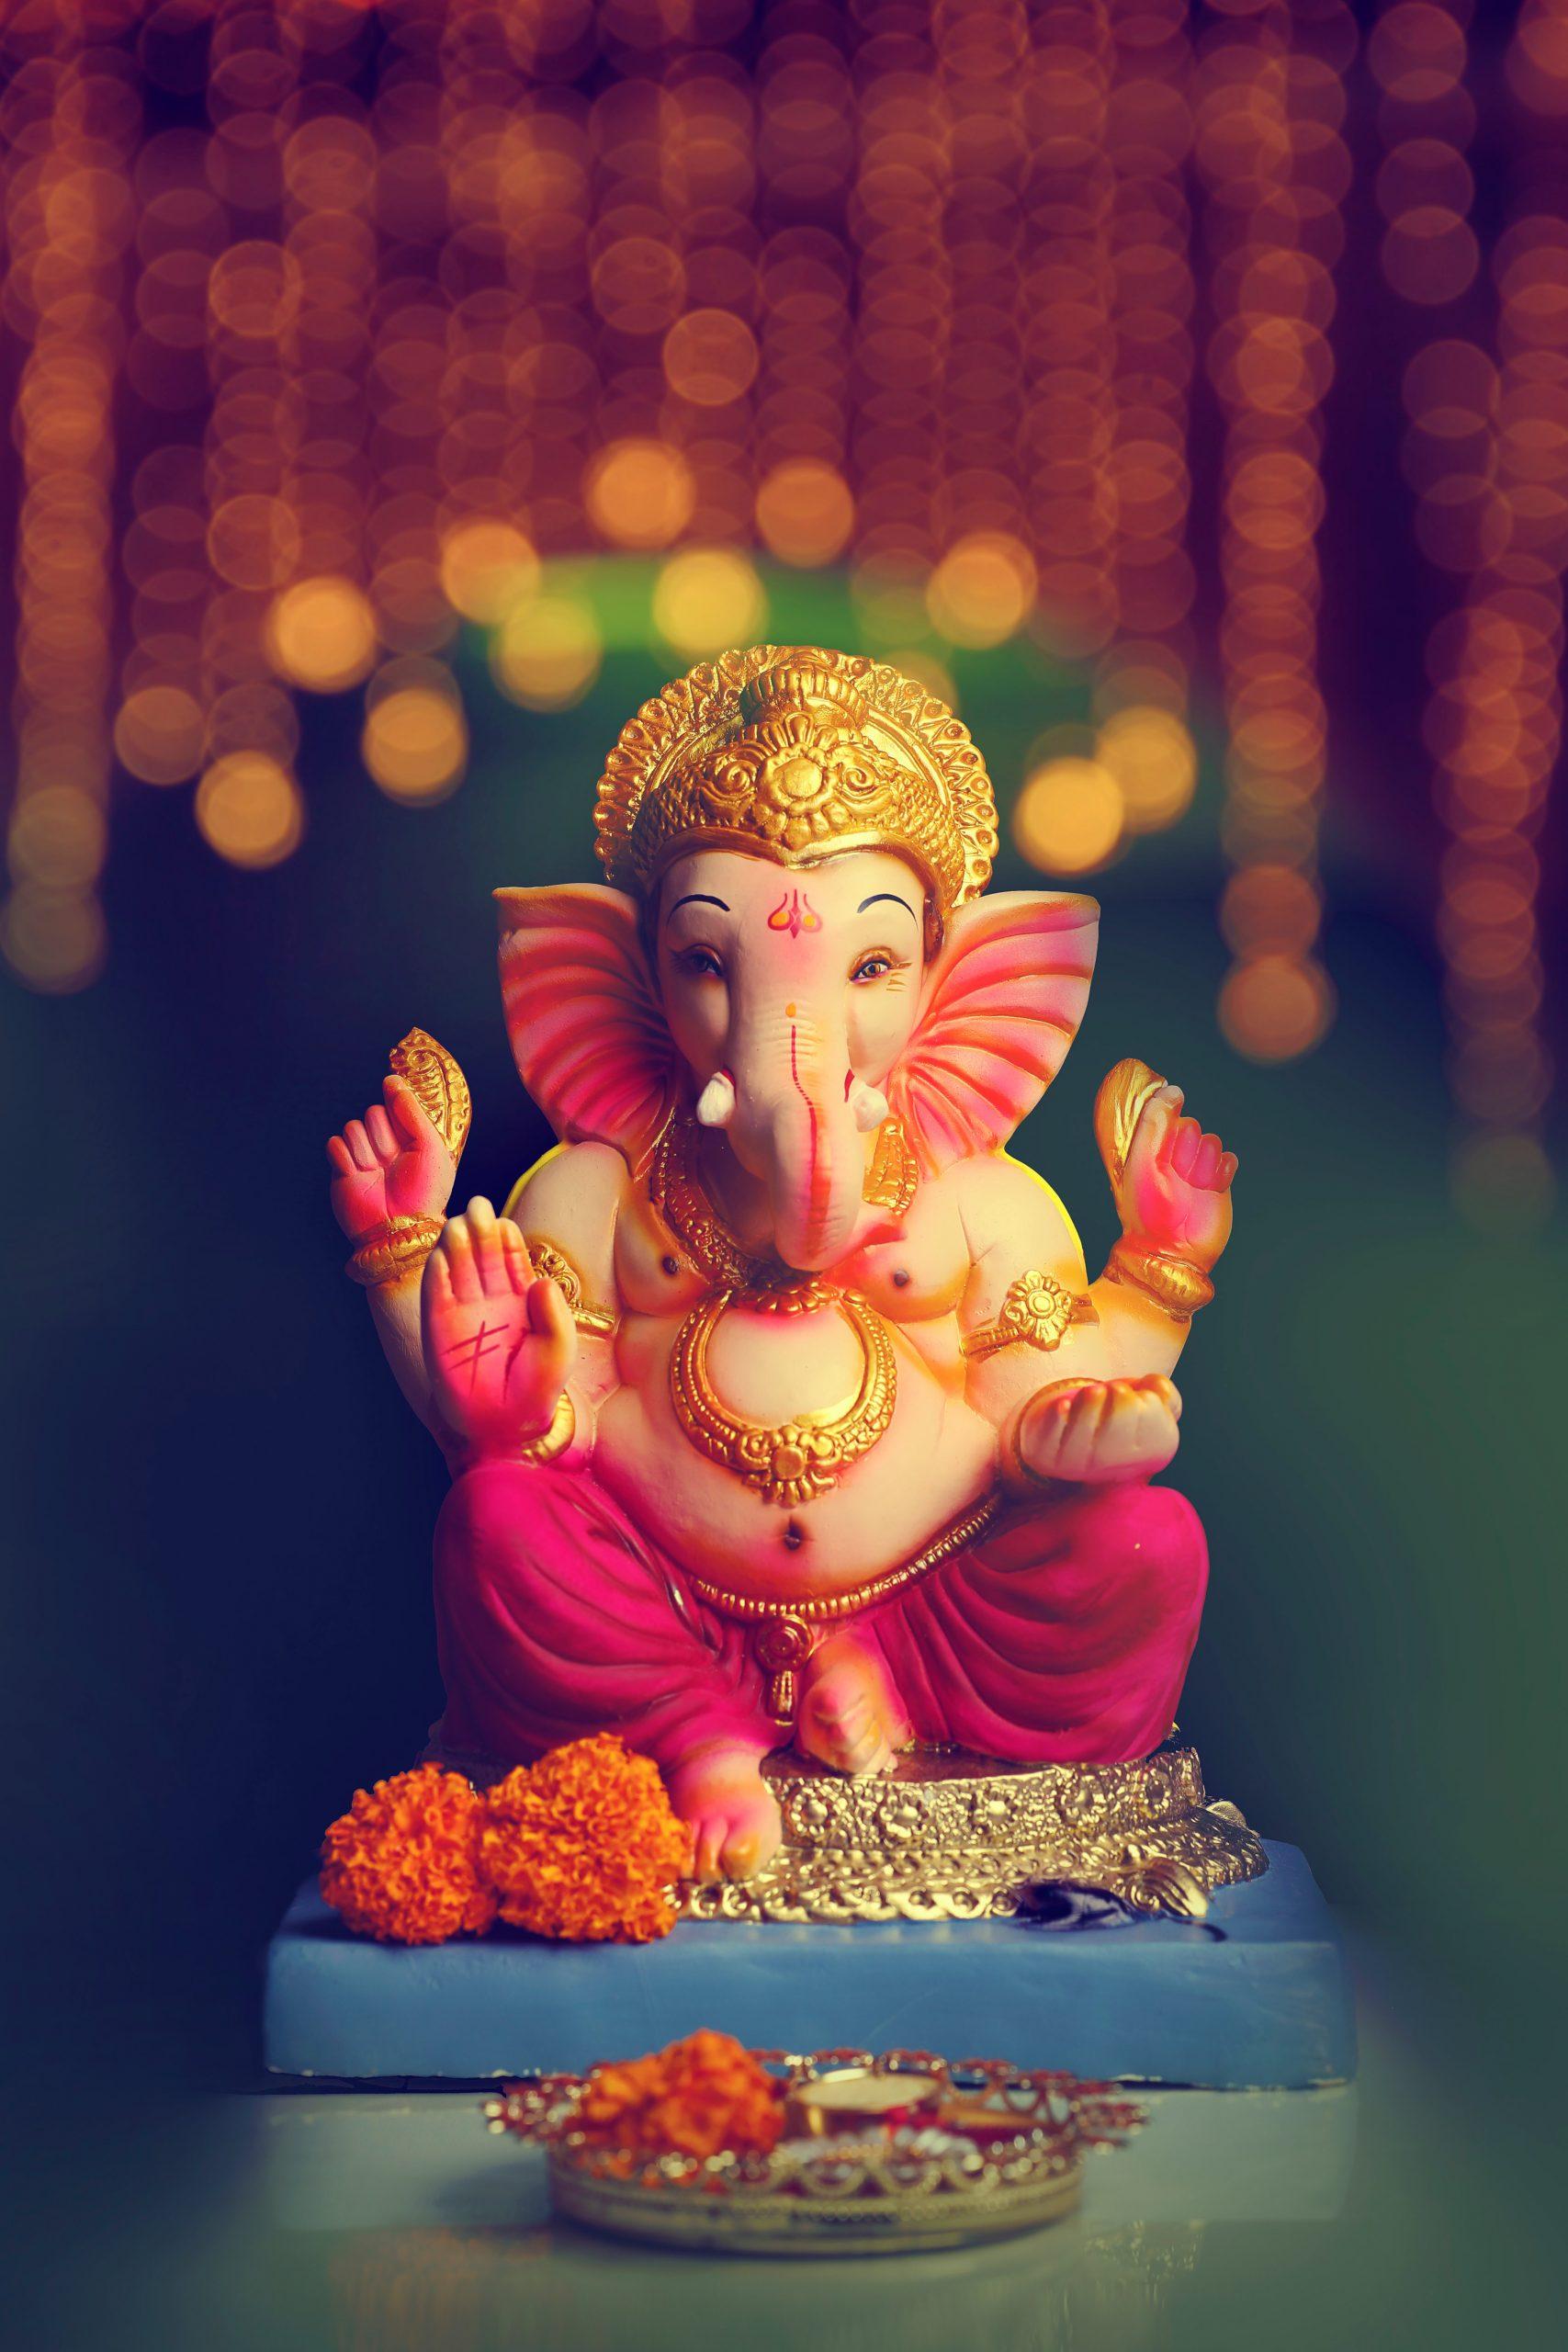 Best Ganeshs Images